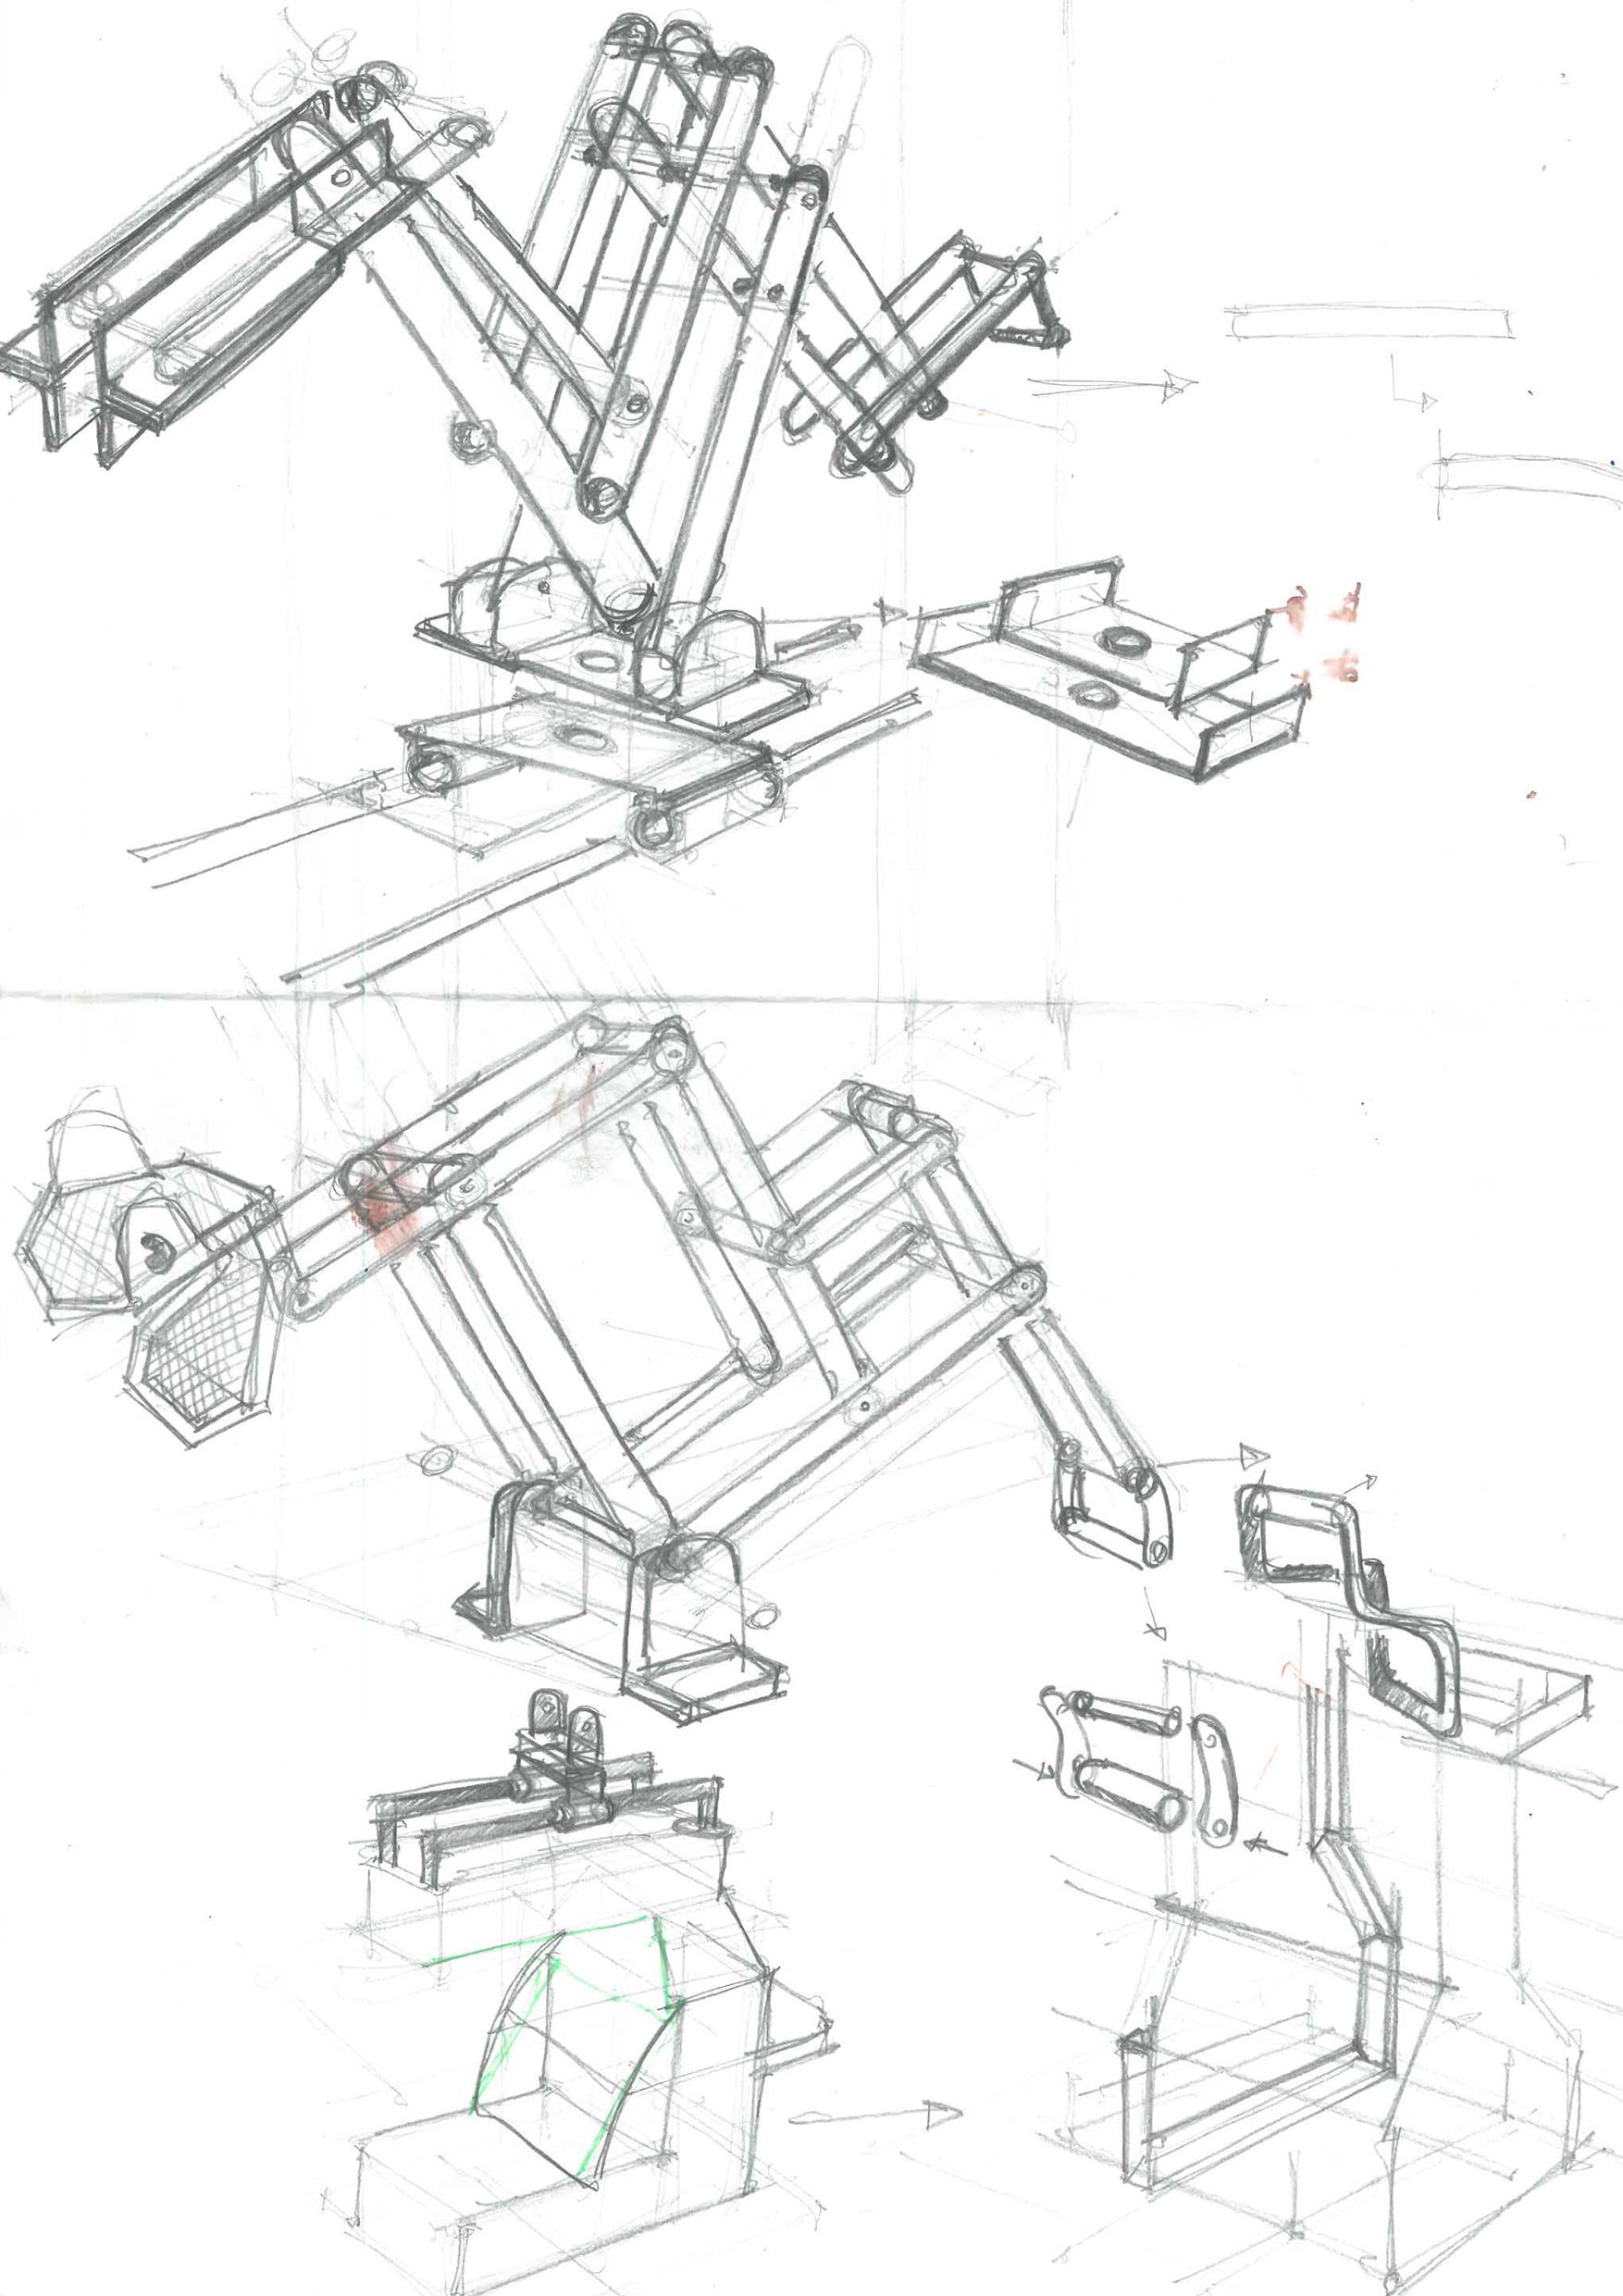 armiture_drawing.jpg